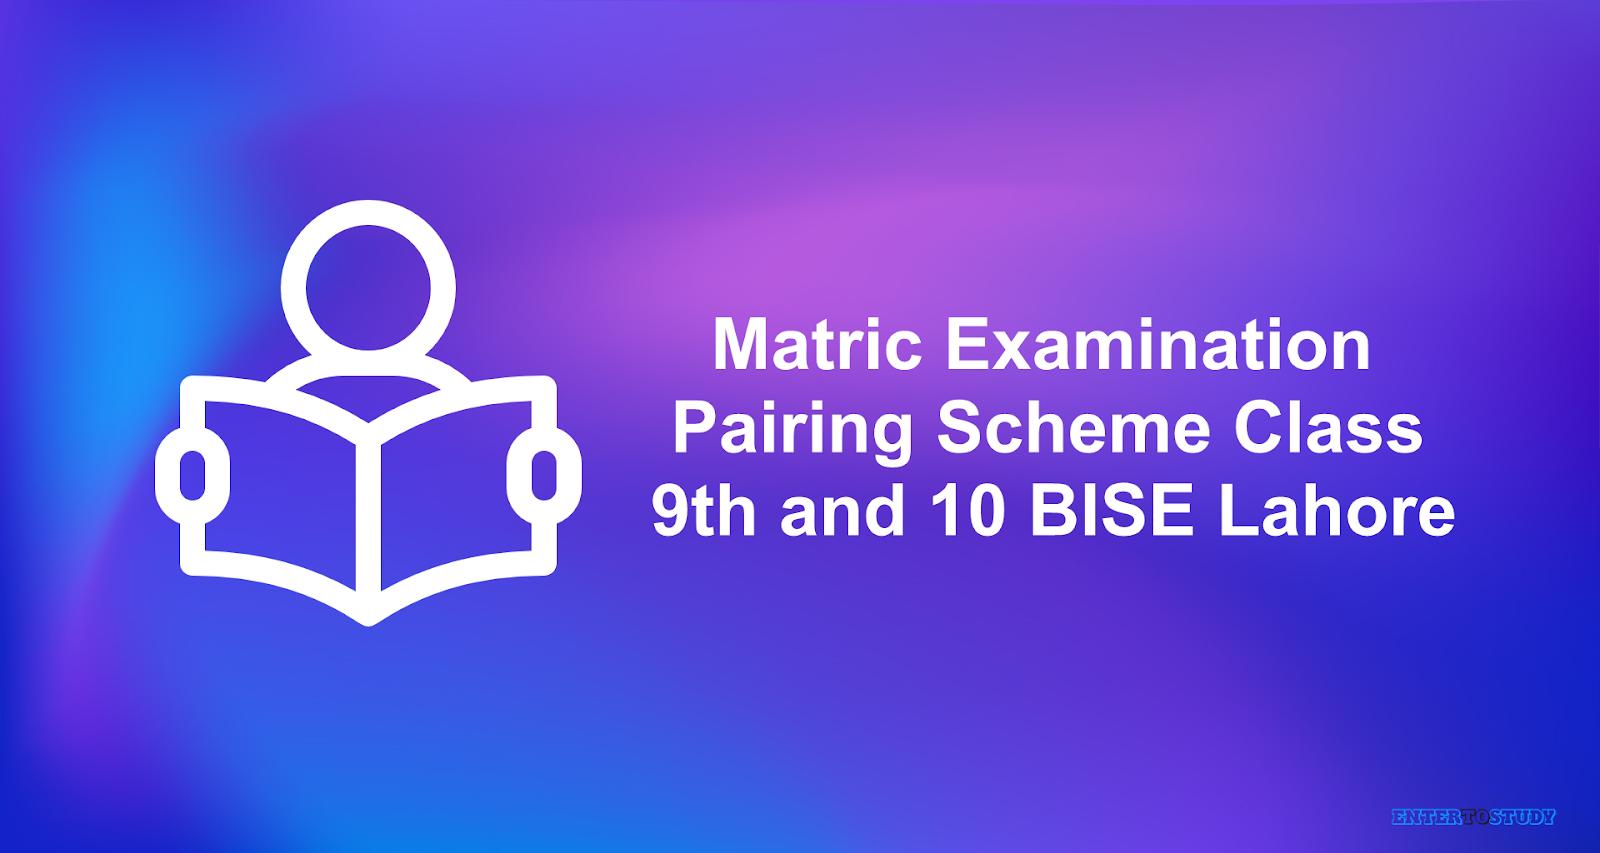 Matric Exam Pairing Scheme BISE Lahore